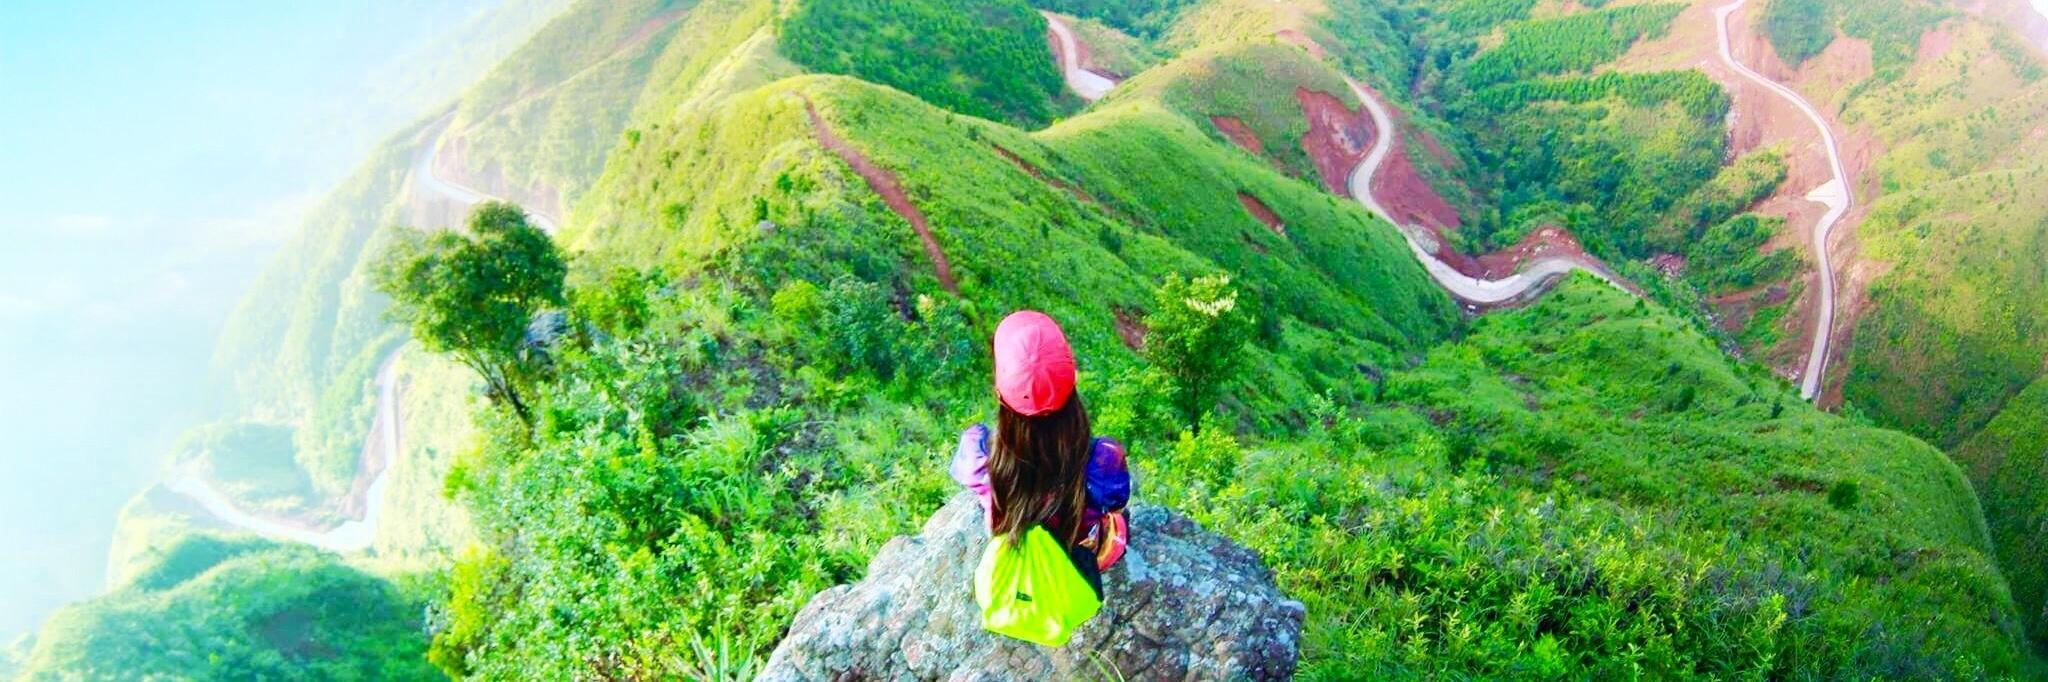 https://gody.vn/blog/khanh2203/post/kham-pha-quang-ninh-qua-nhung-diem-check-in-yeu-thich-cua-gioi-tre-2252